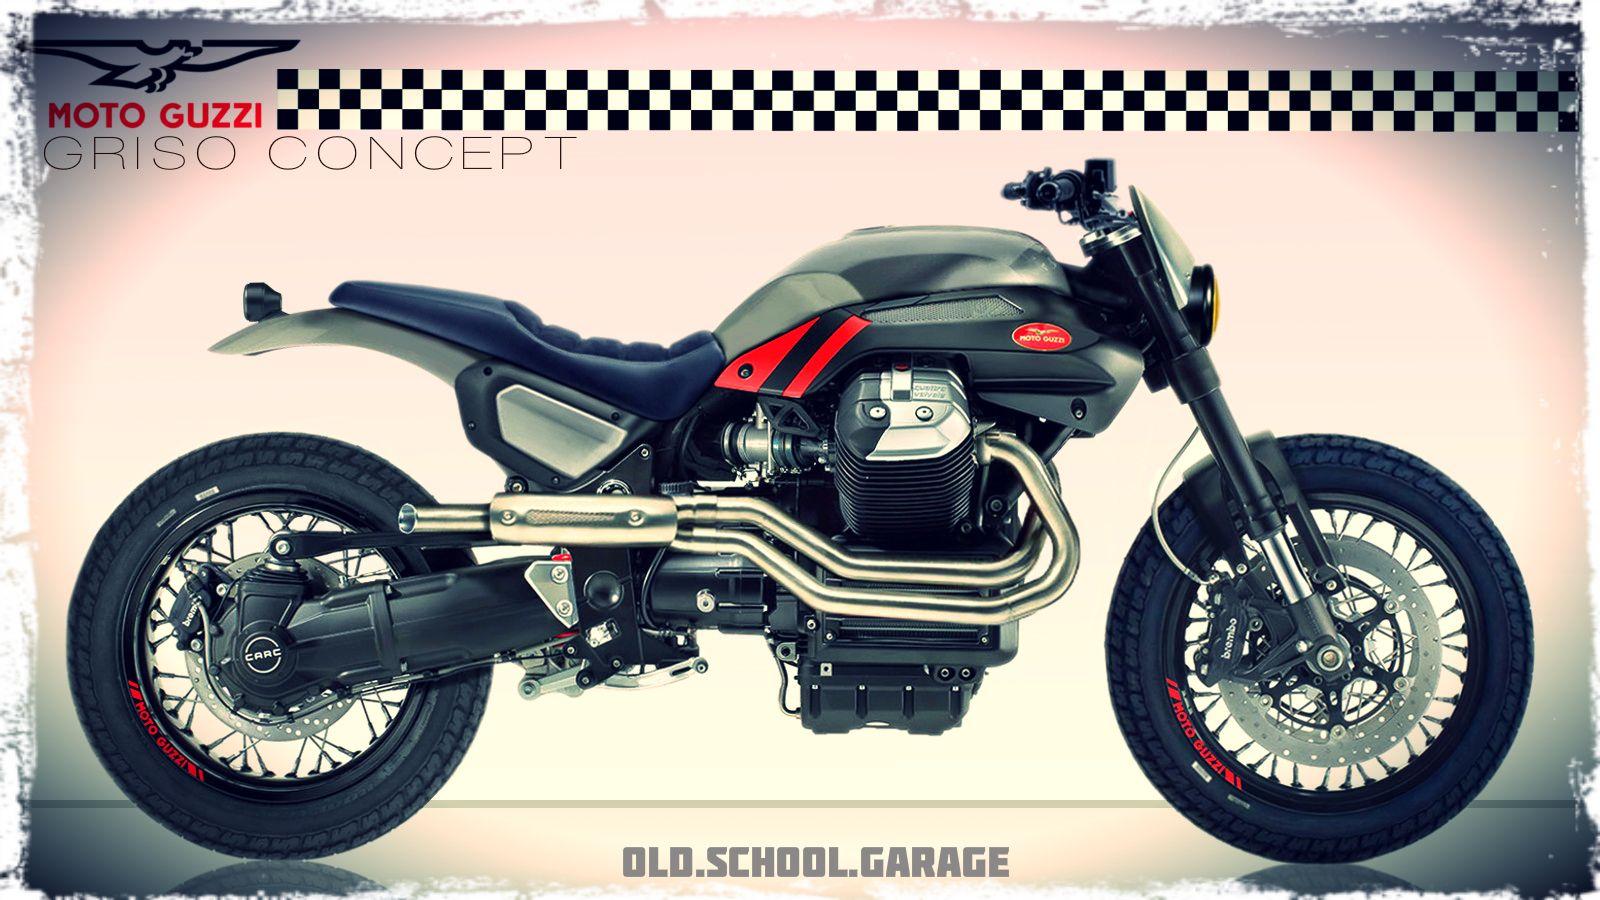 moto guzzi griso special concept bike cafe racer. Black Bedroom Furniture Sets. Home Design Ideas